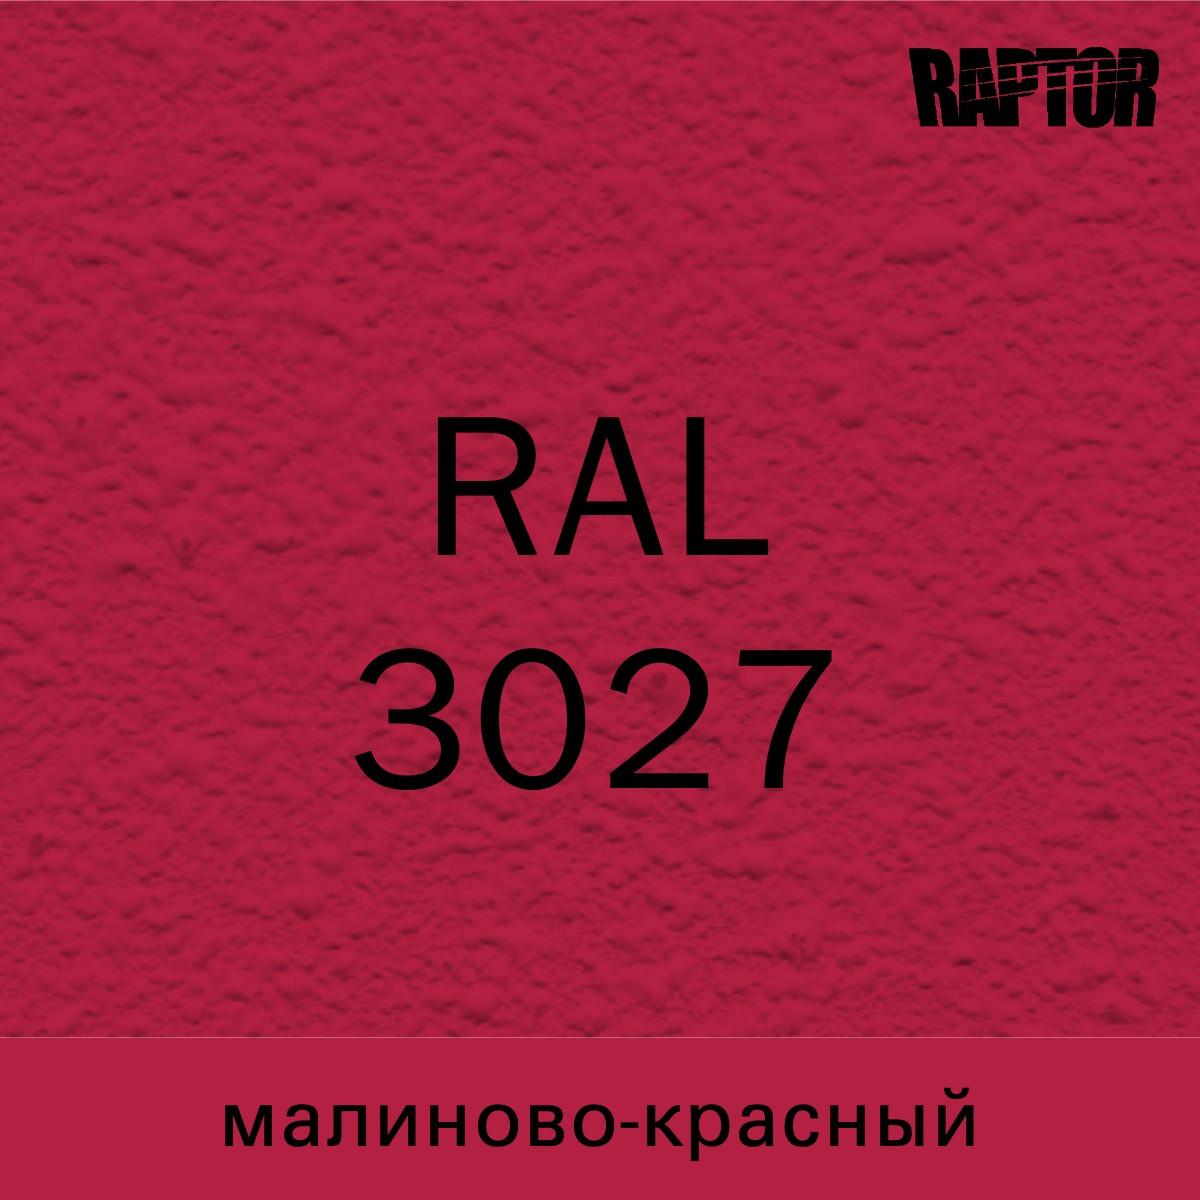 Пігмент для колеровки покриття RAPTOR™ Малиново-червоний (RAL 3027)